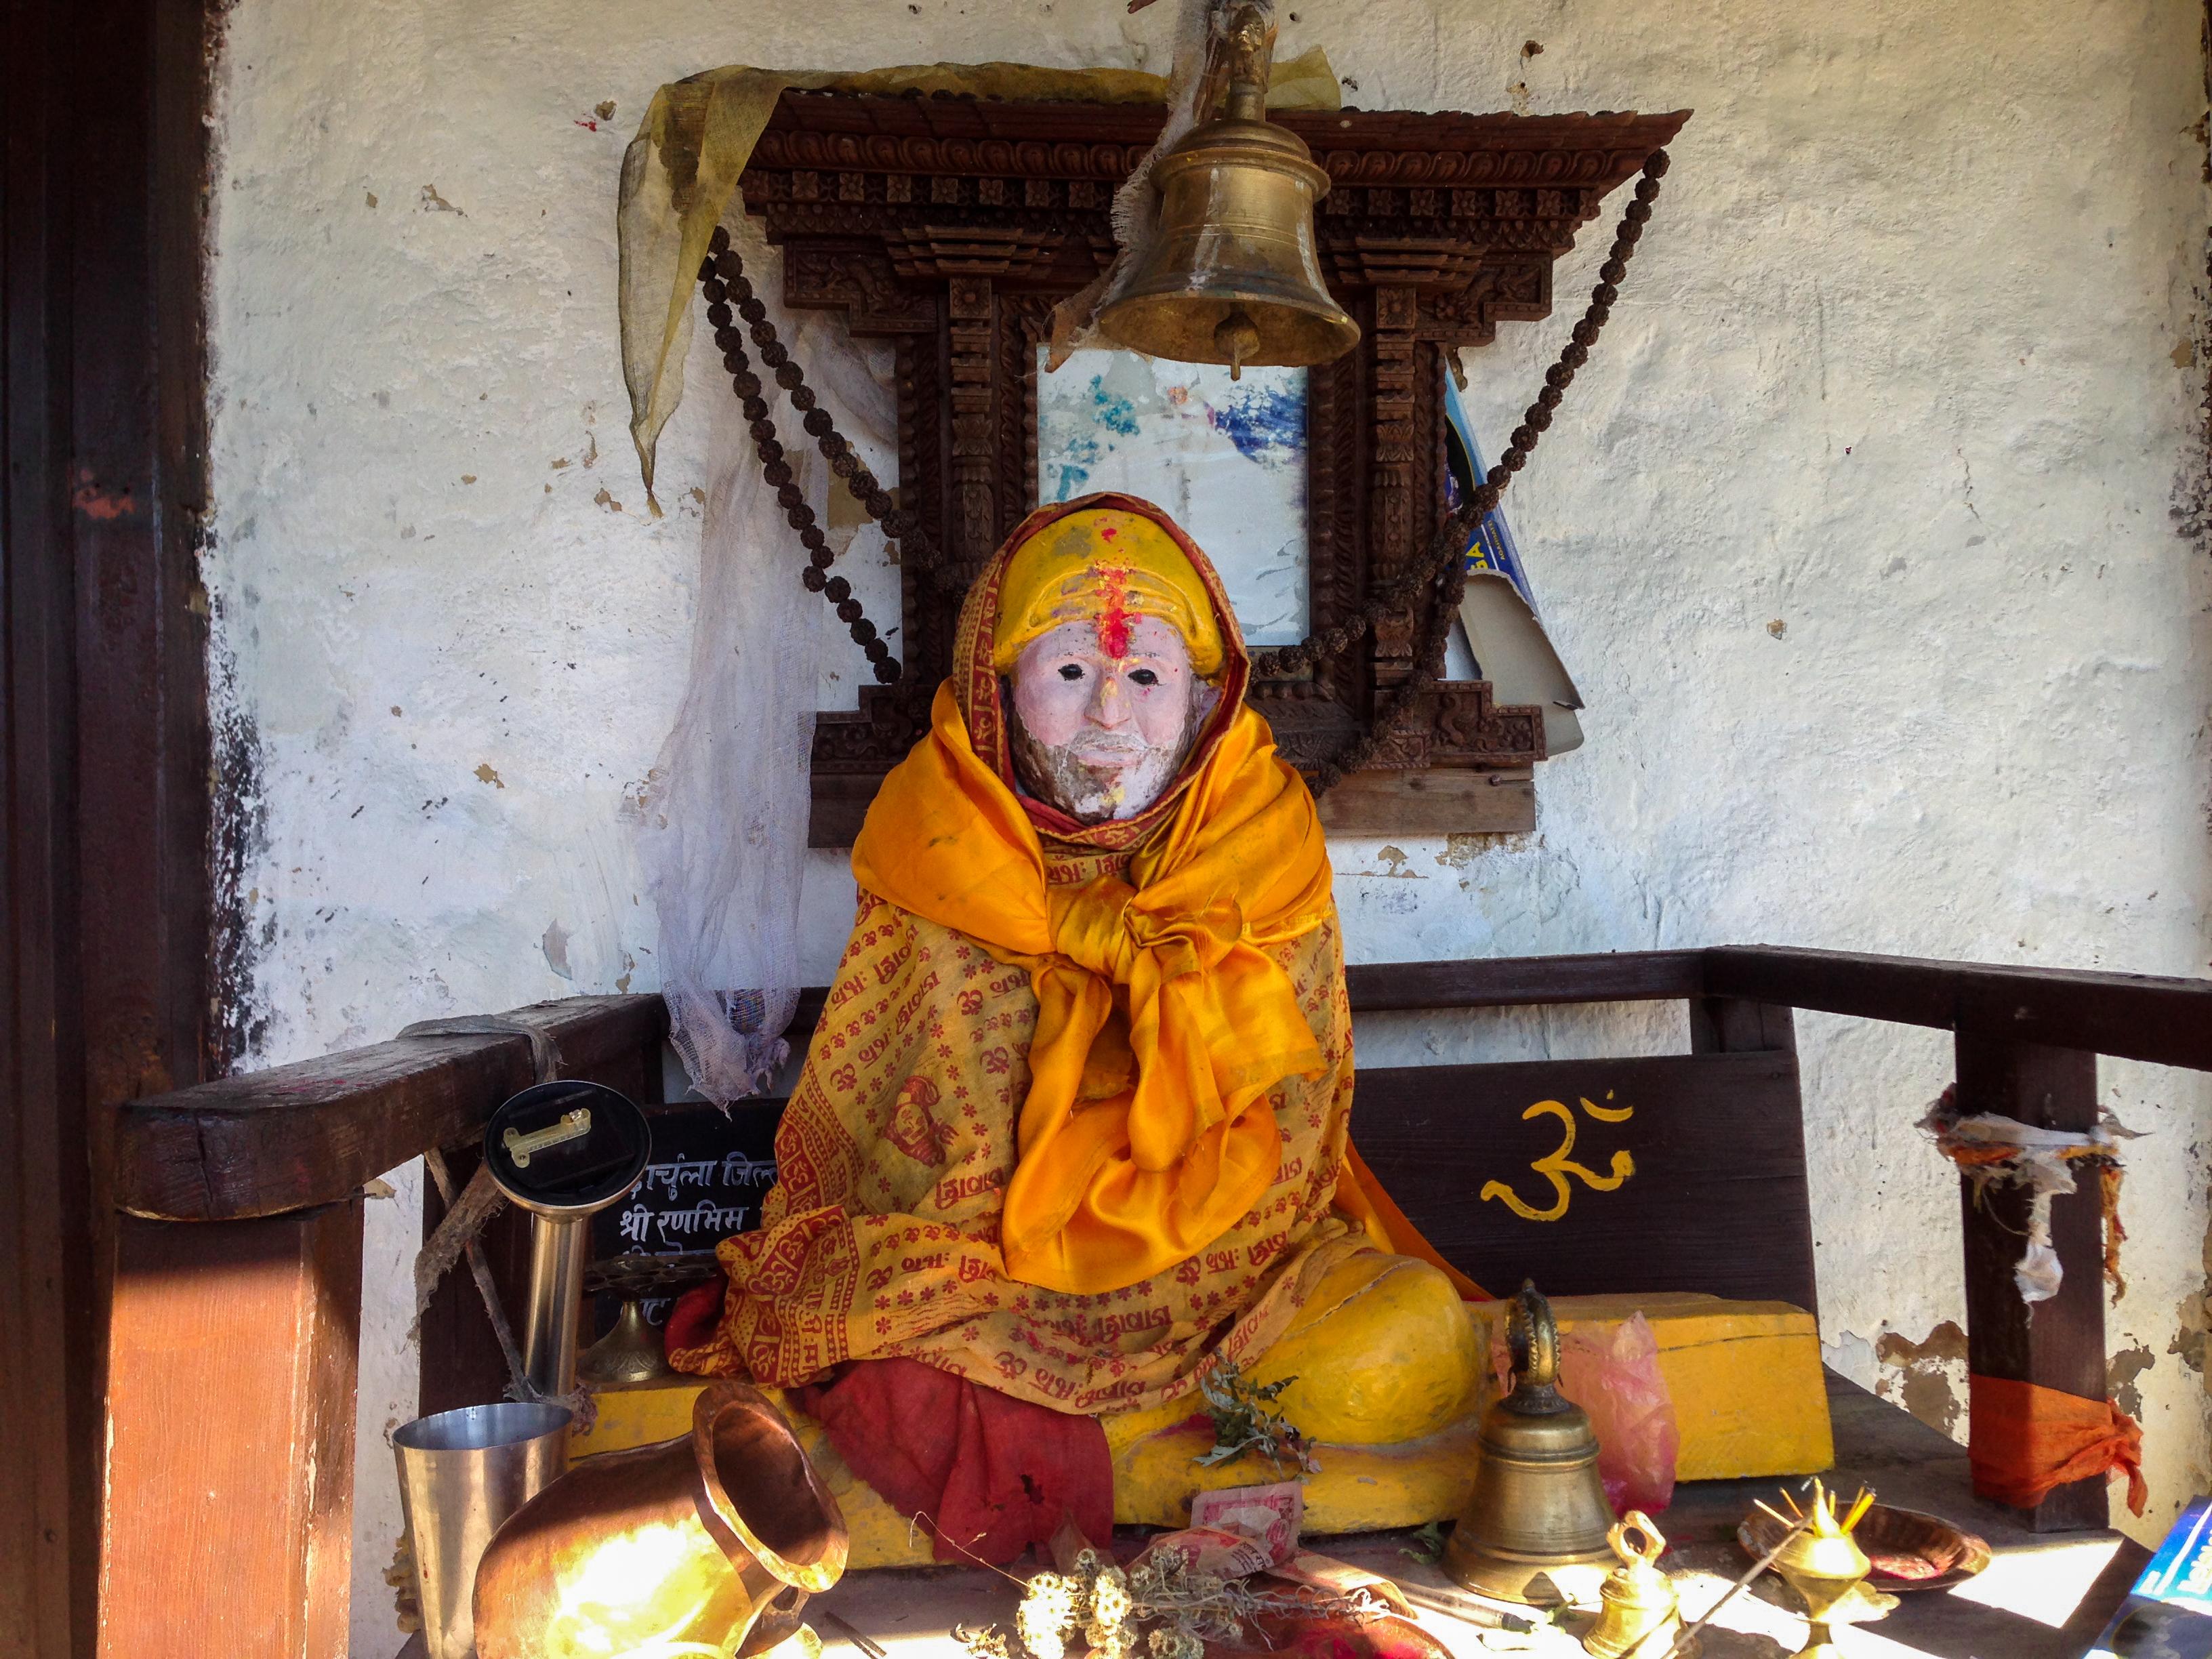 Khaptad Baba or Swami Sachchinanda